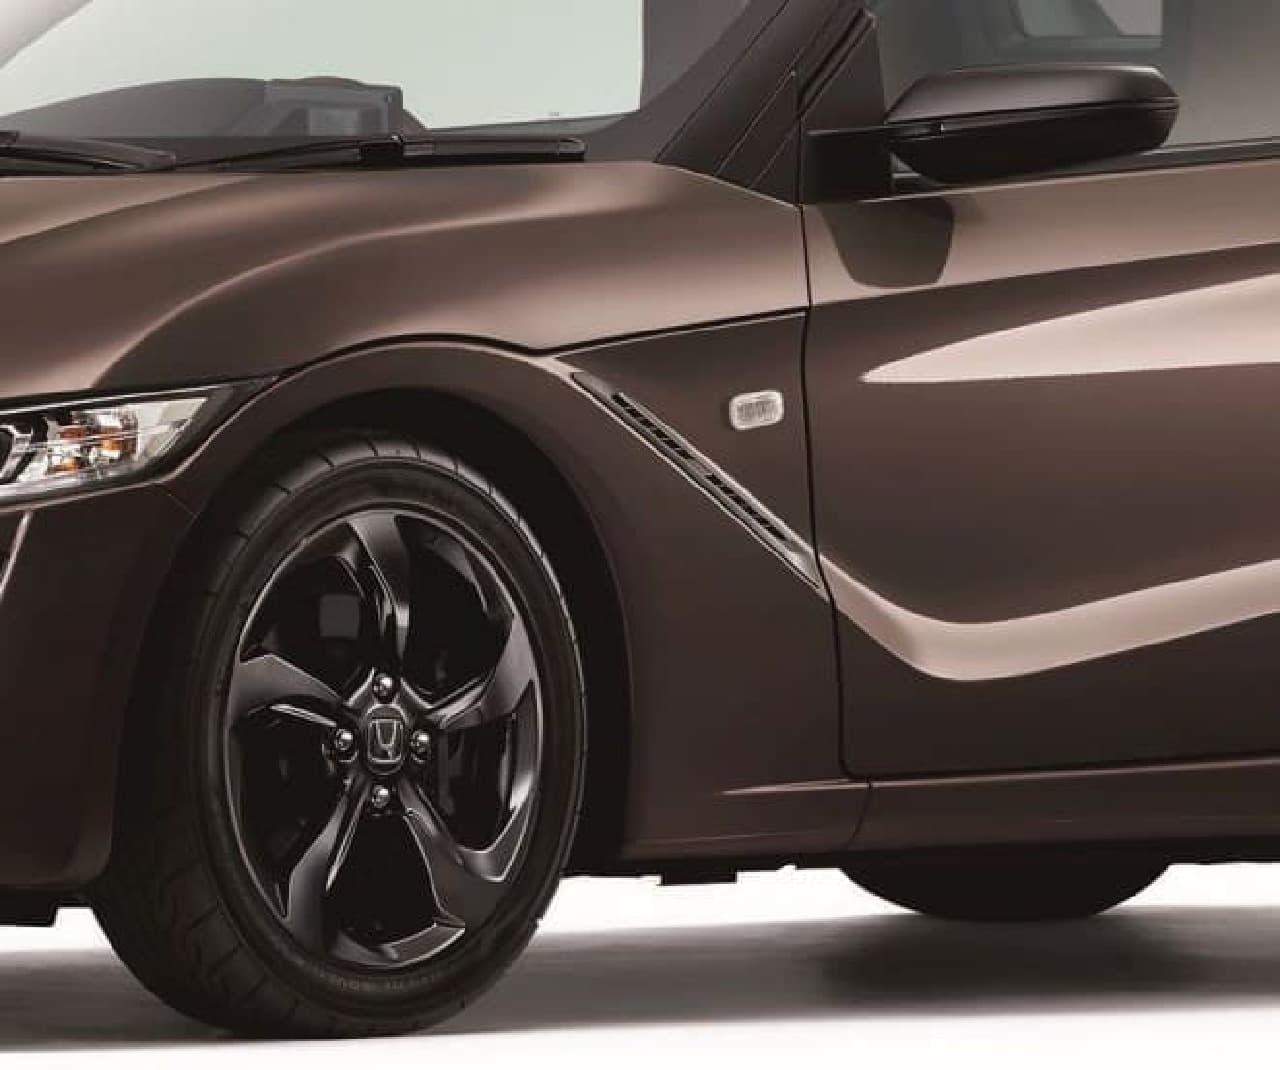 ホンダ「S660」に特別仕様車「Bruno Leather Edition」